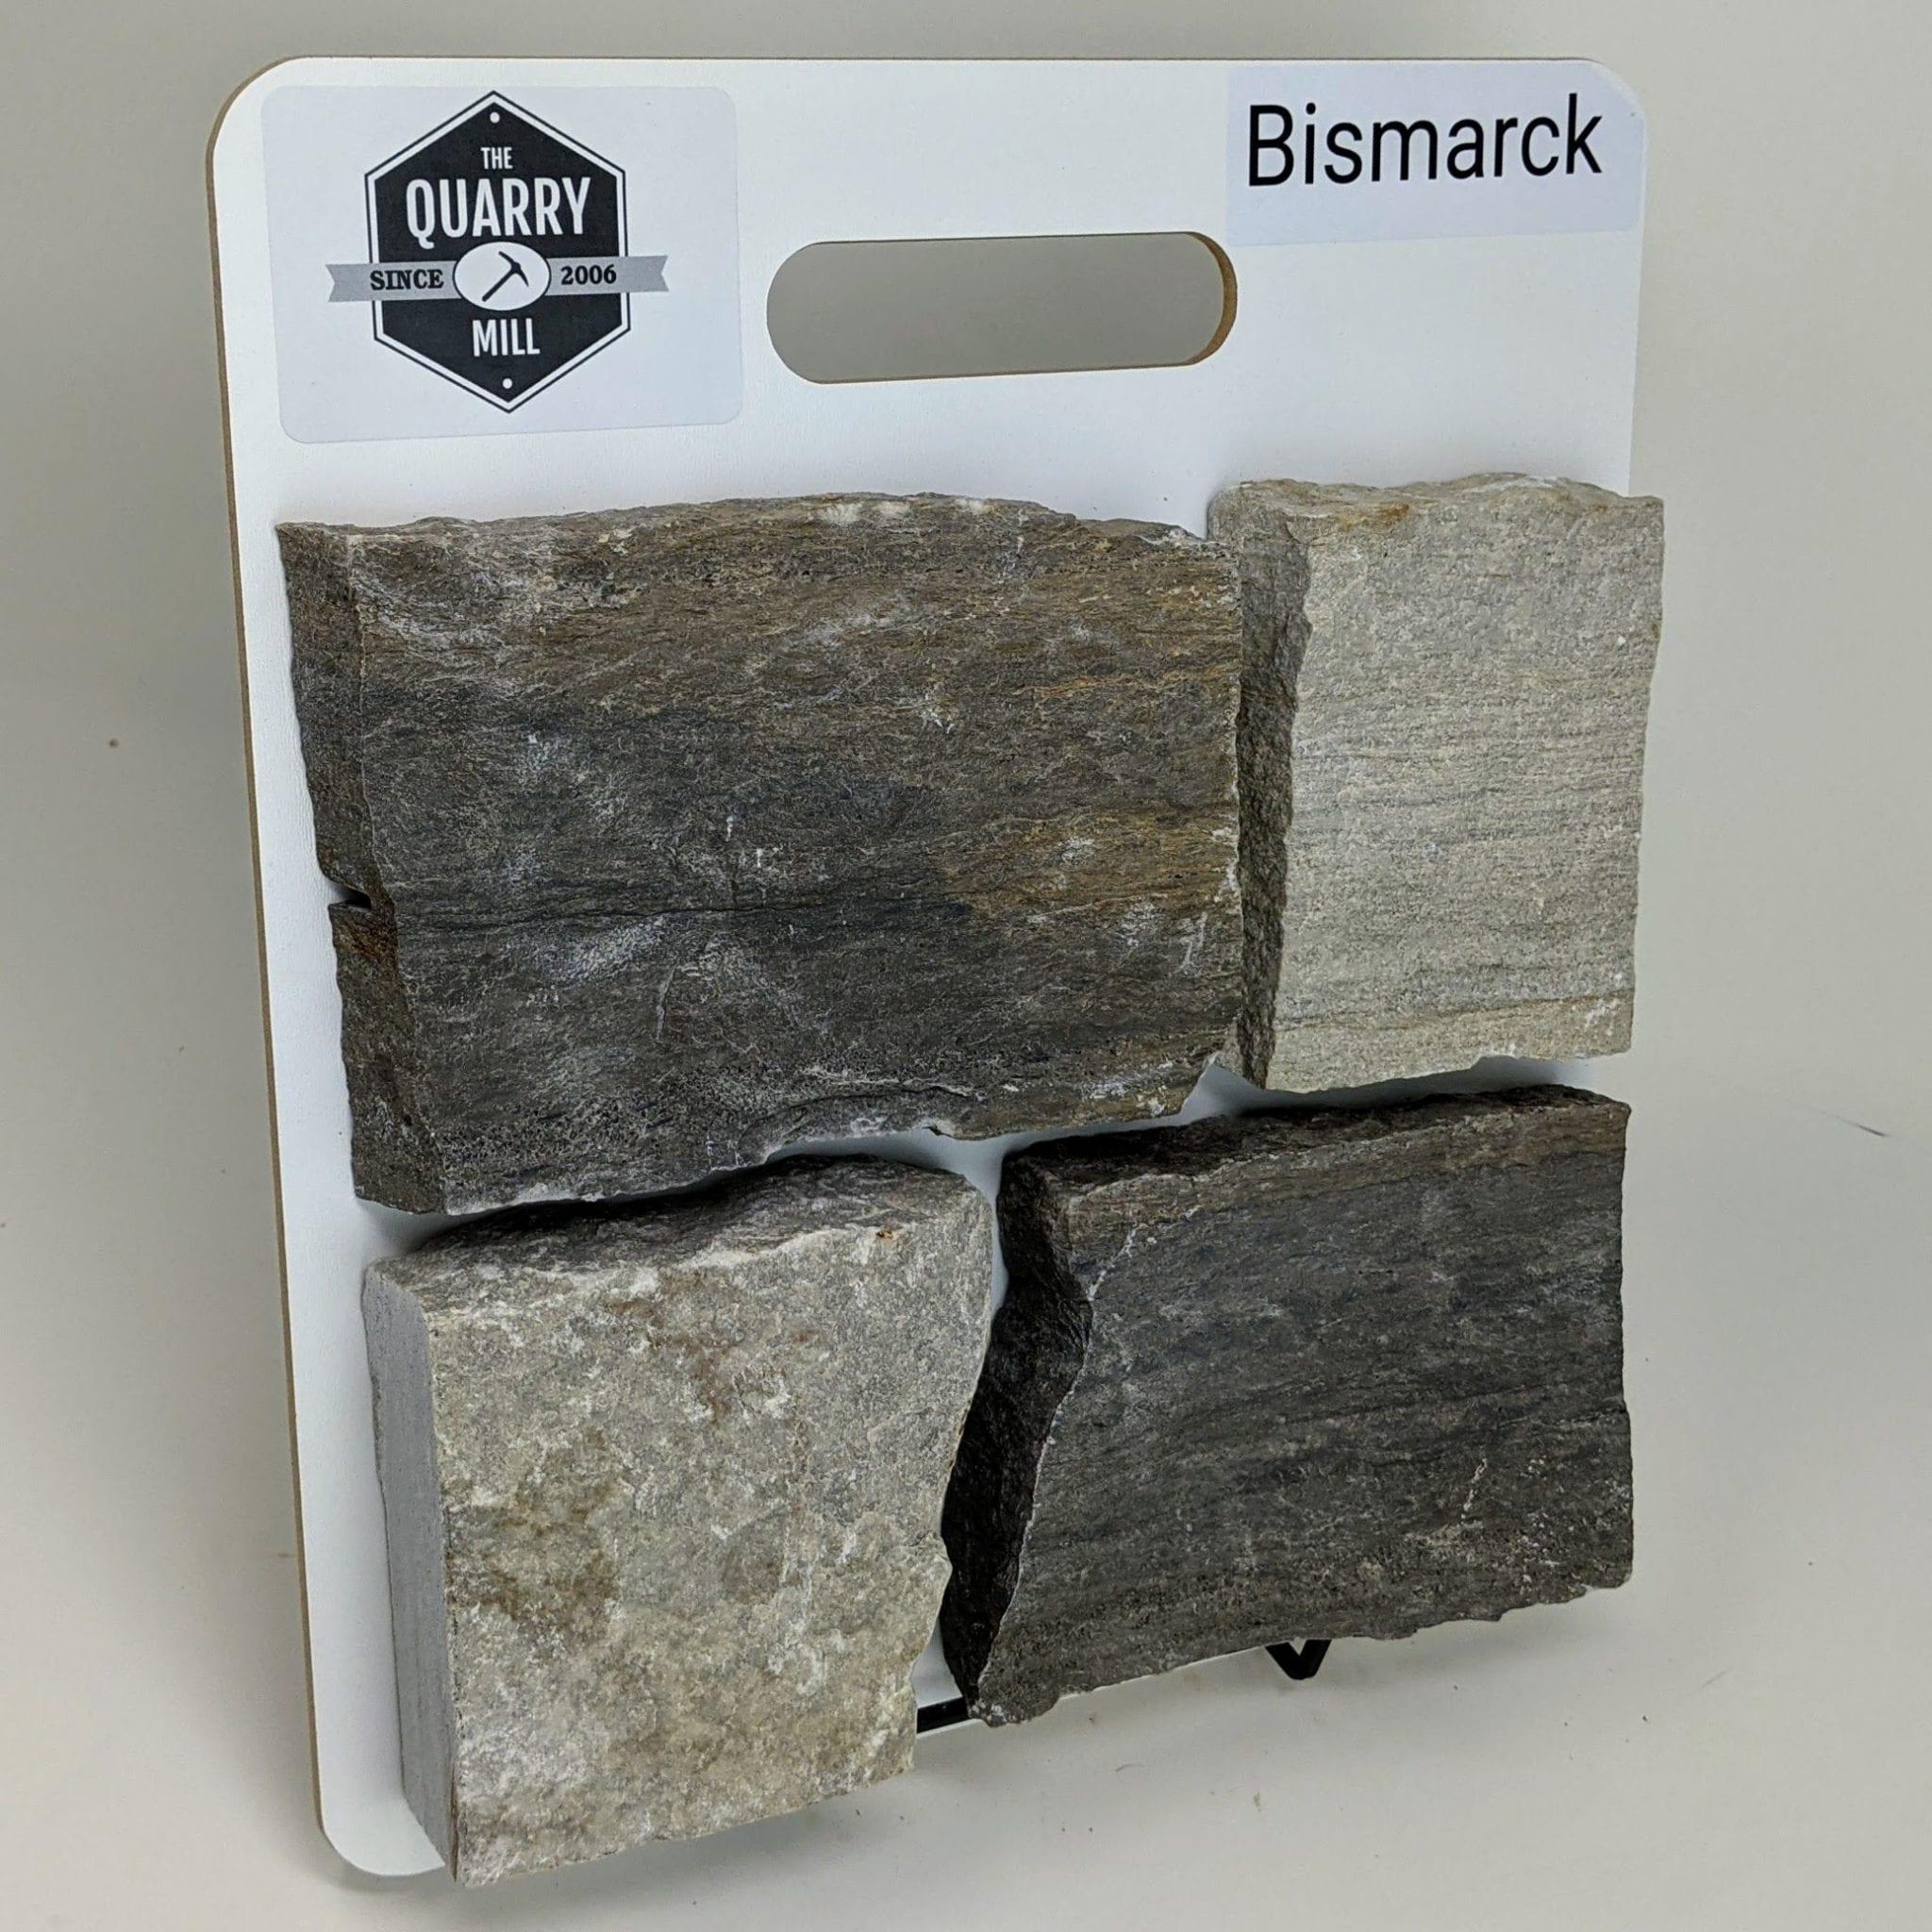 Bismarck Real Stone Veneer Sample Board